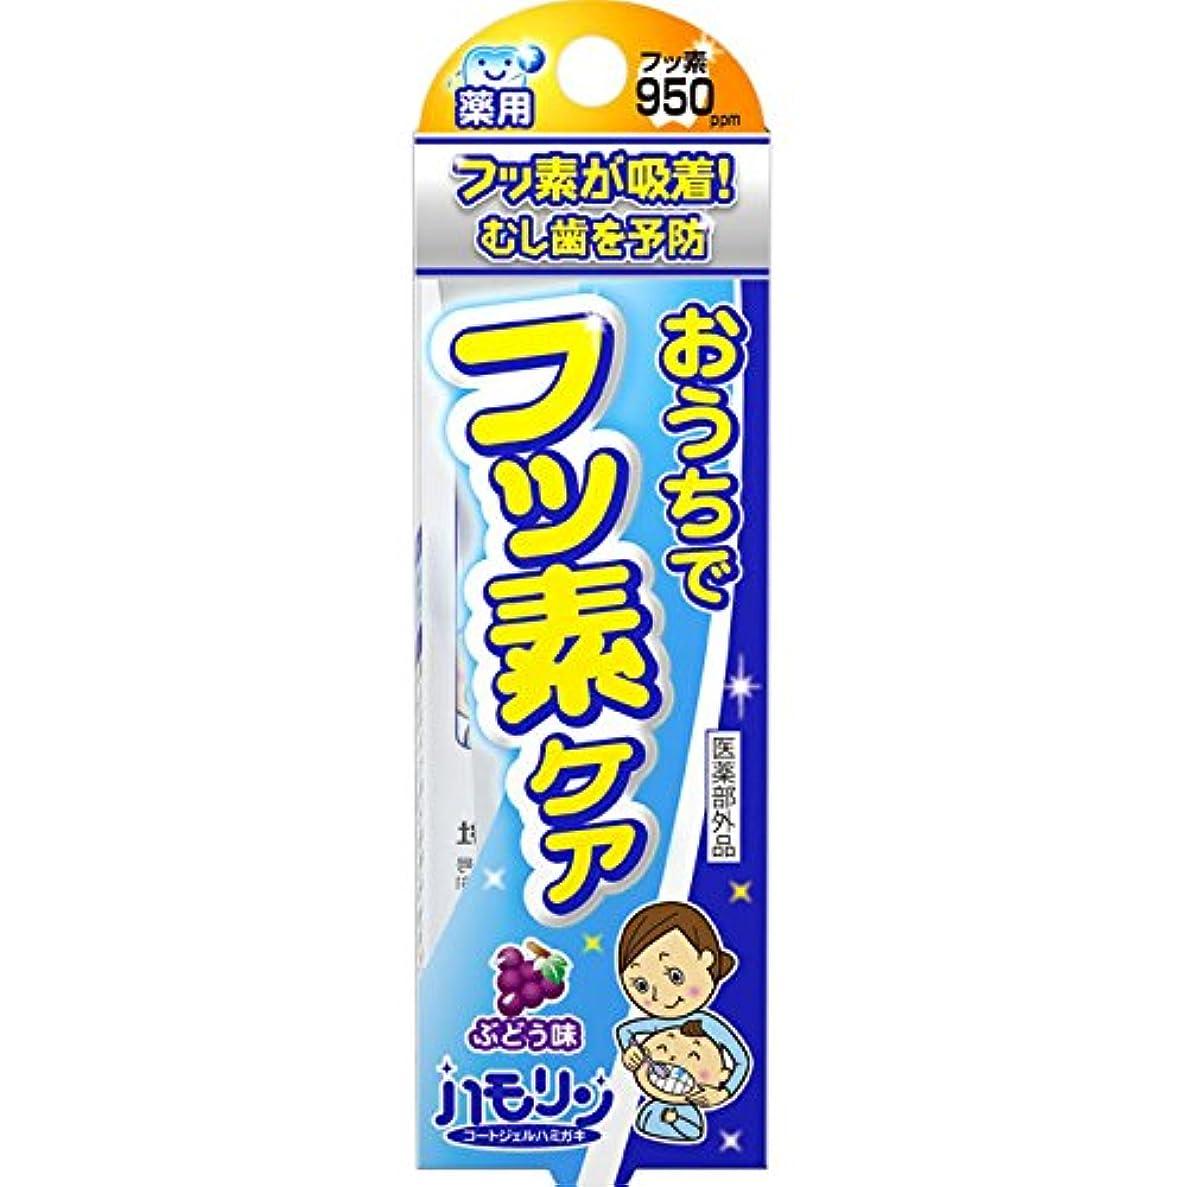 ラテン掃除納税者丹平製薬 ハモリン ぶどう味 30g